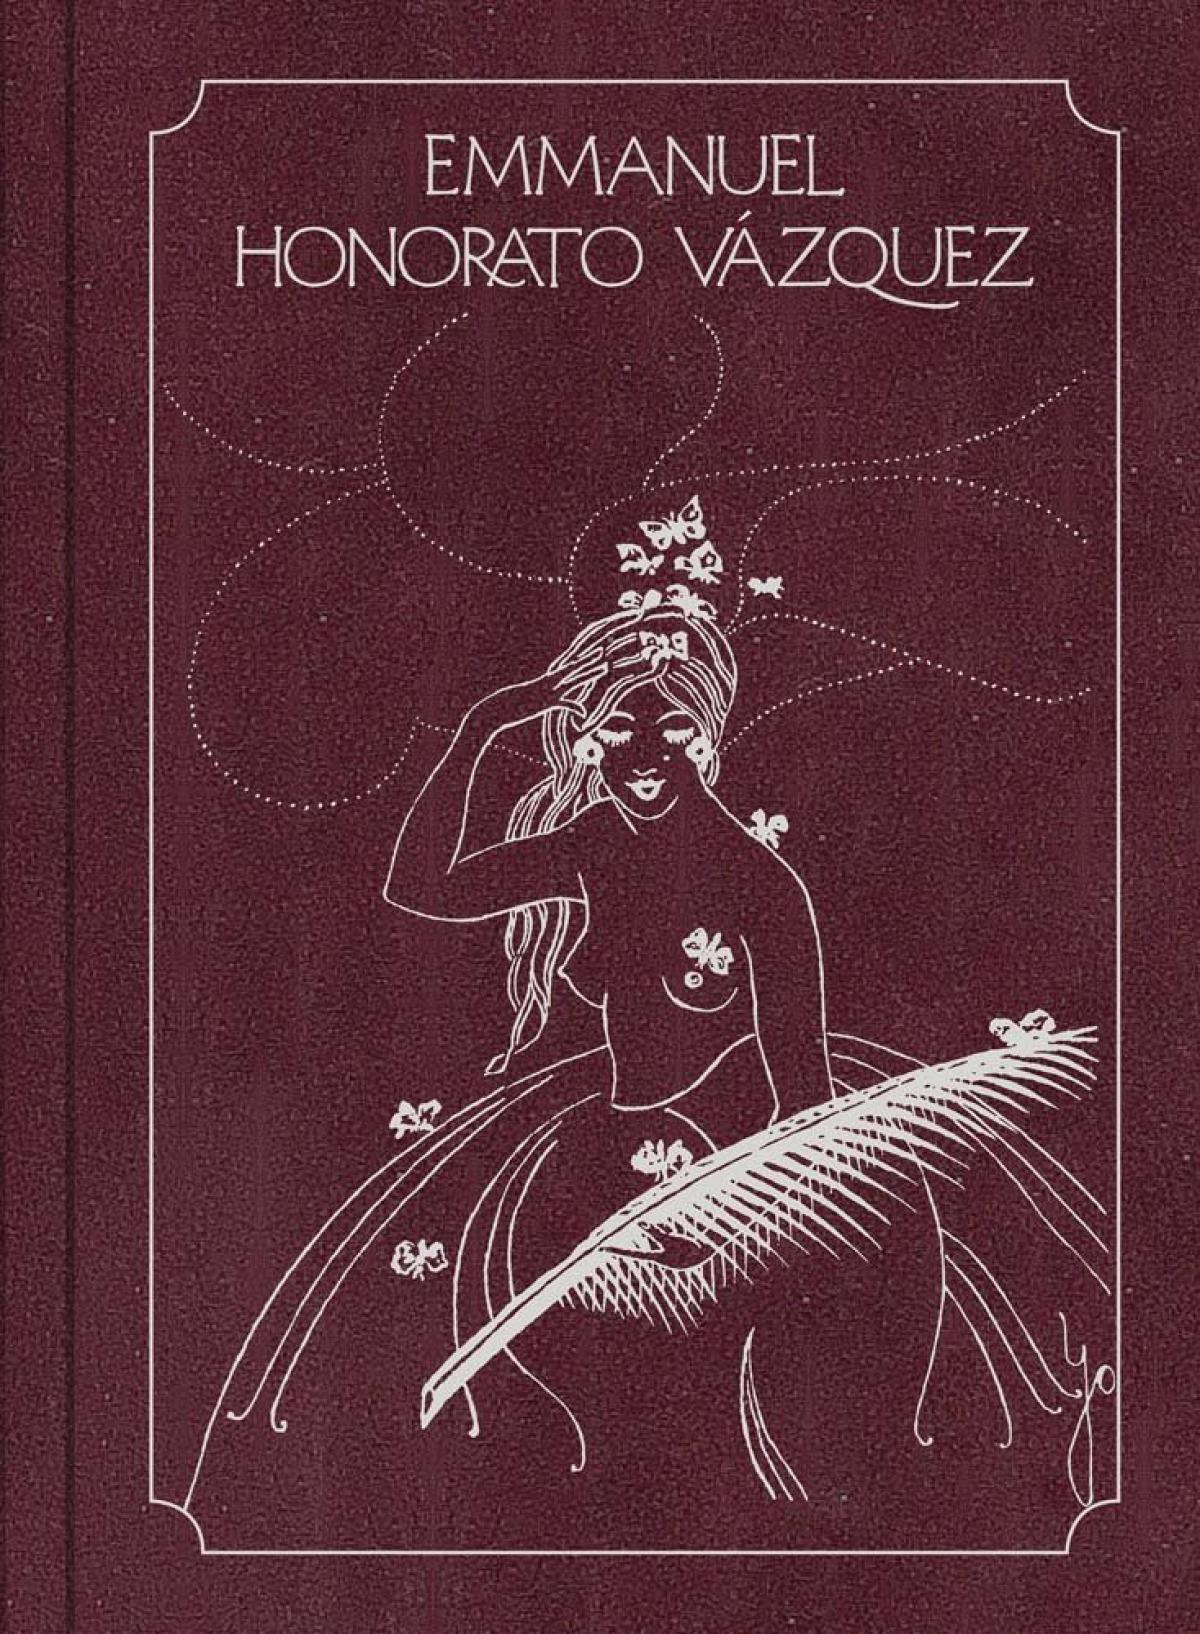 Emmanuel Honorato Vázquez